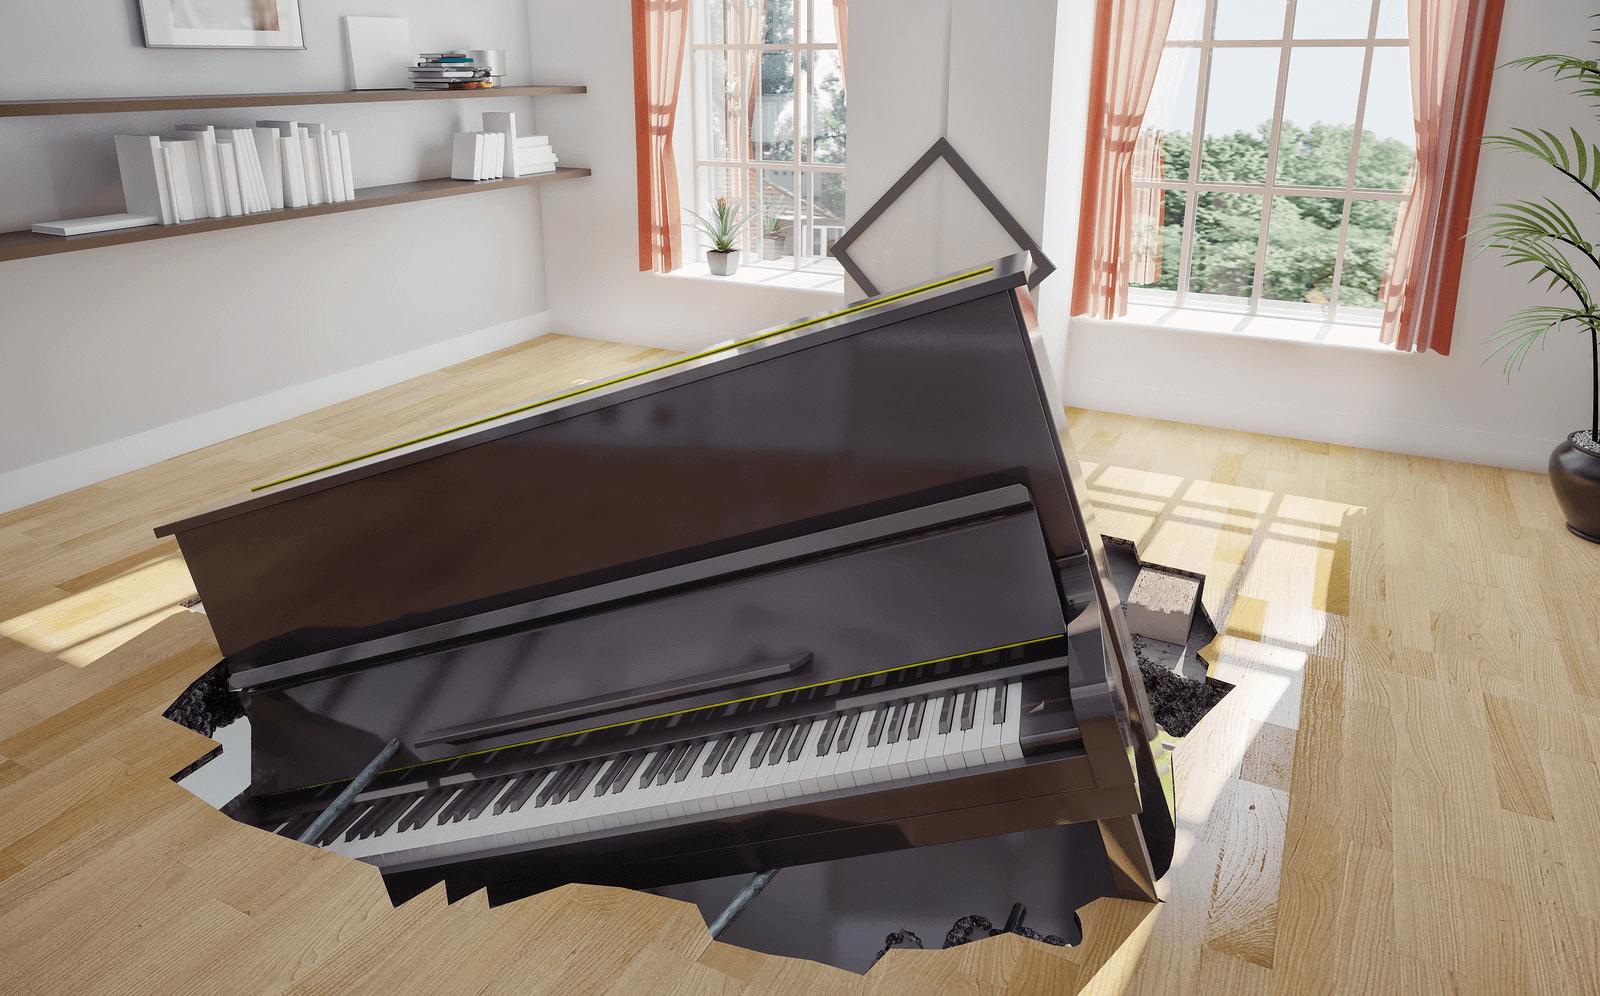 заказать перевозку пианино в Киеве сан парк мувинг картинка